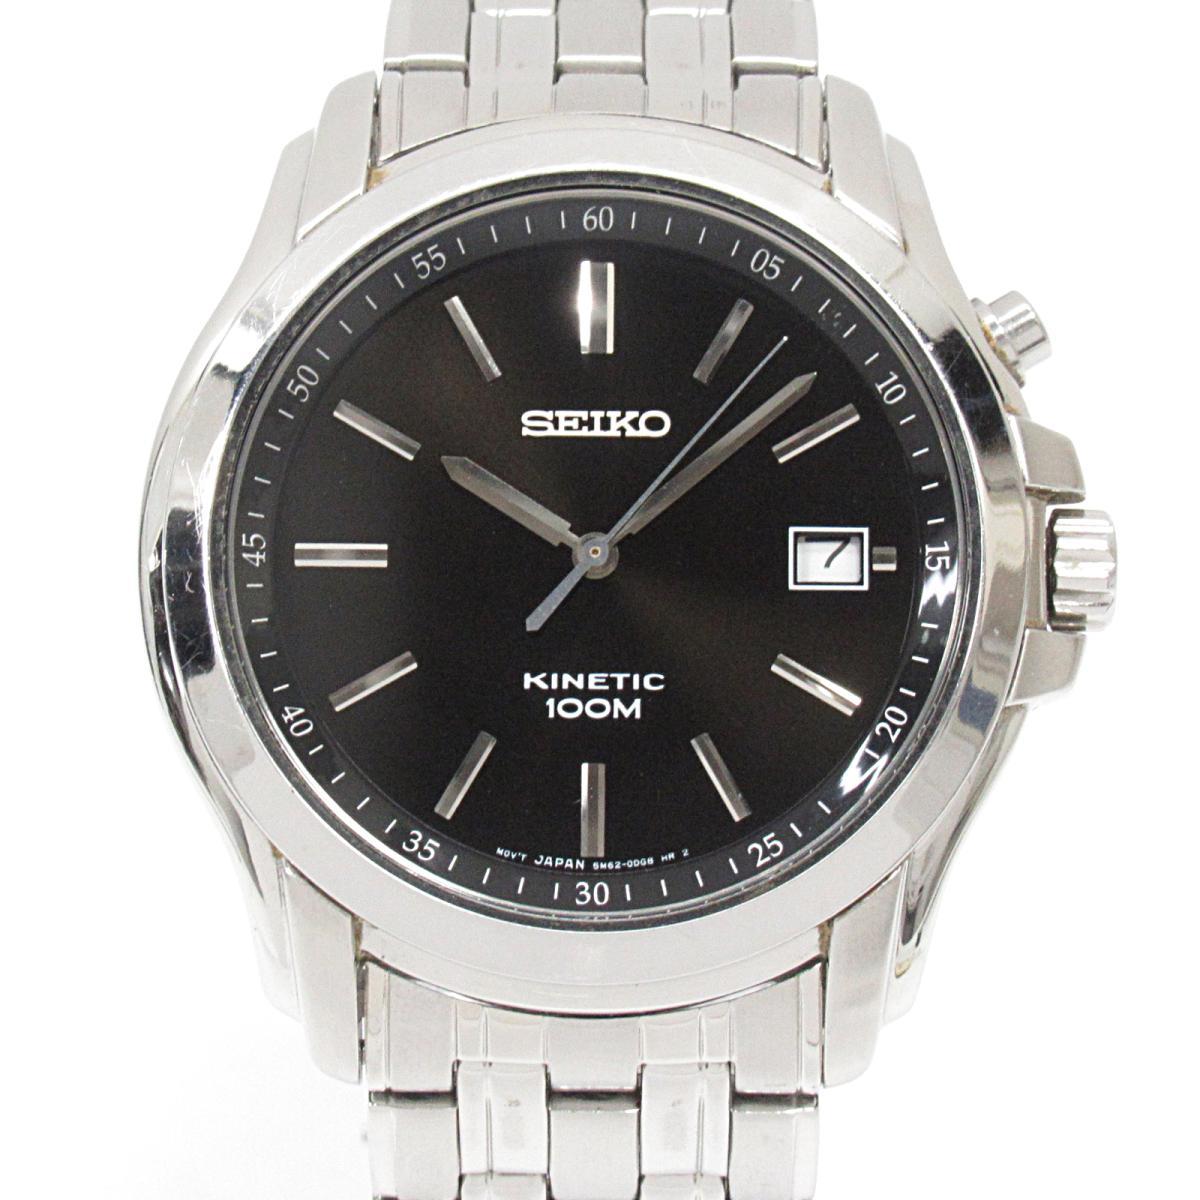 ≪期間限定≫メルマガ登録でクーポンGET! 【中古】 セイコー キネティック 腕時計 ウォッチ メンズ ステンレススチール (SS) (5M62-0CP0) | SEIKO BRANDOFF ブランドオフ ブランド ブランド時計 ブランド腕時計 時計